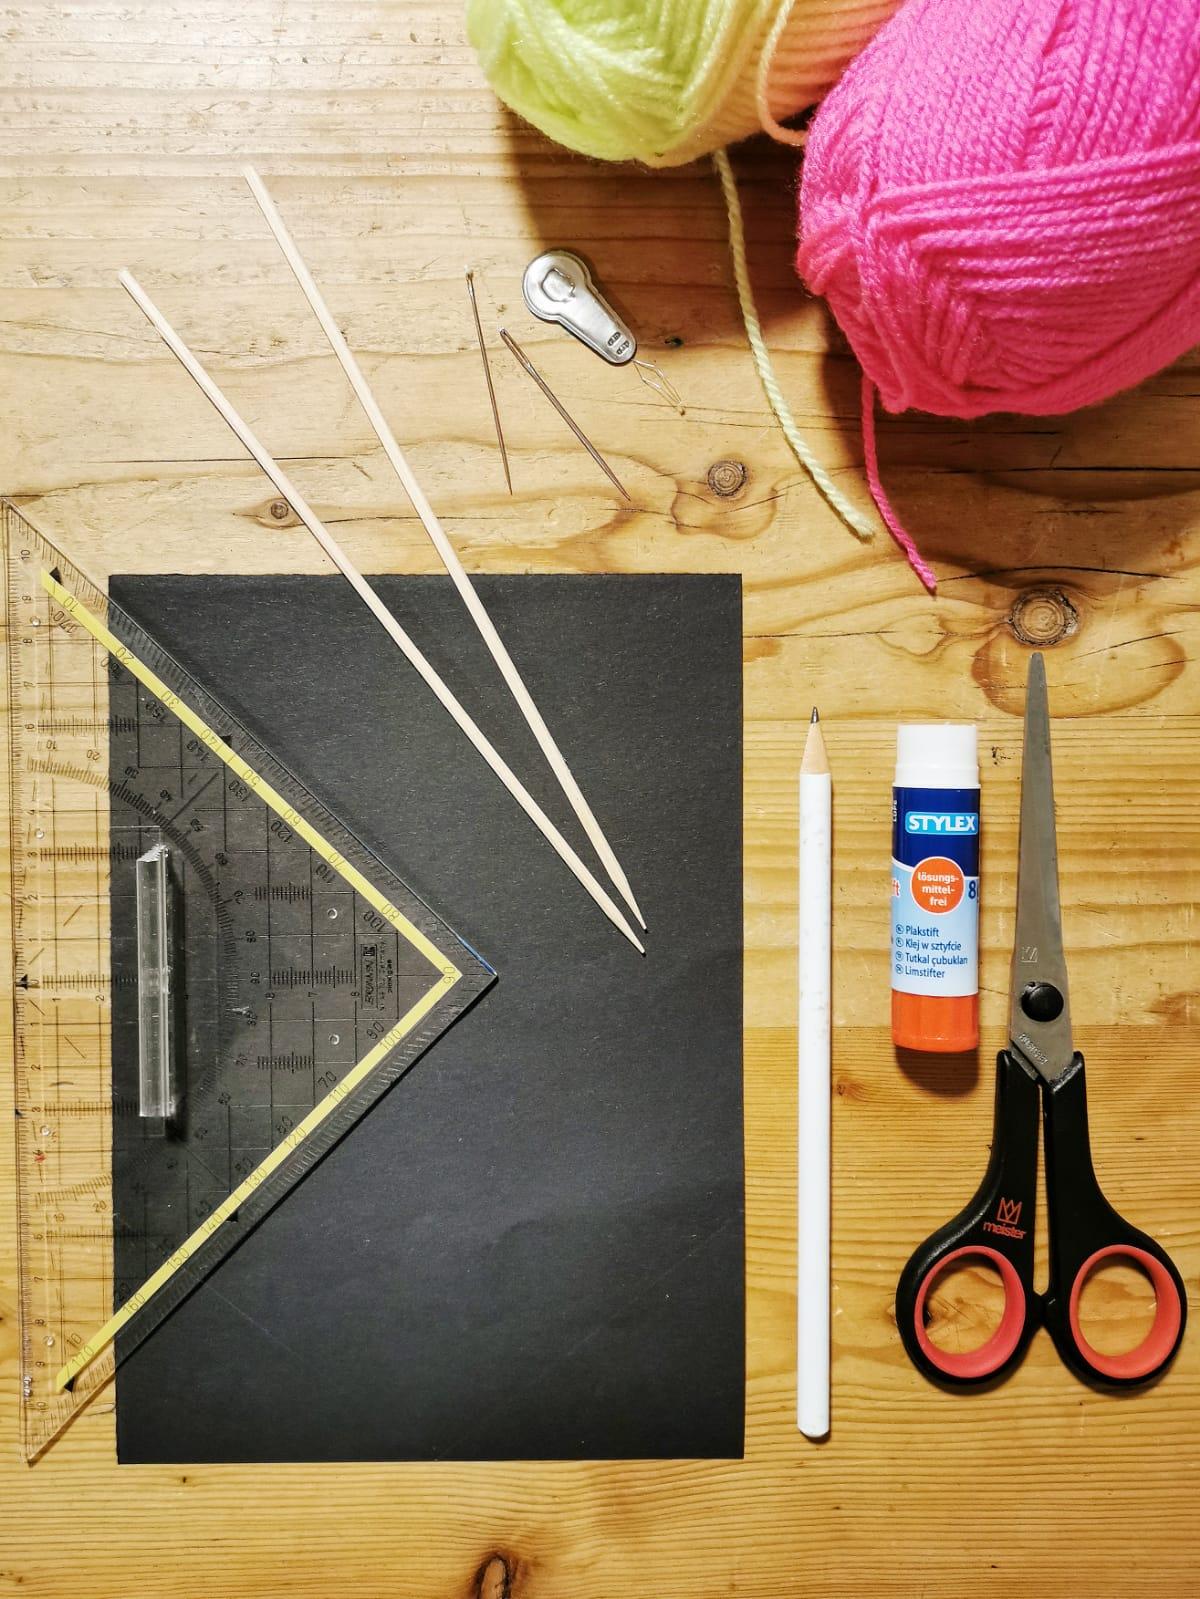 Voll im Trend: Papier Stickereien mit neonfarbendem Garn oder Wolle / leichte, einfache und schnelle DIY Idee für das Basteln mit Kindern zuhause / Mehr einfache DIY Ideen gibt es auf judetta.de